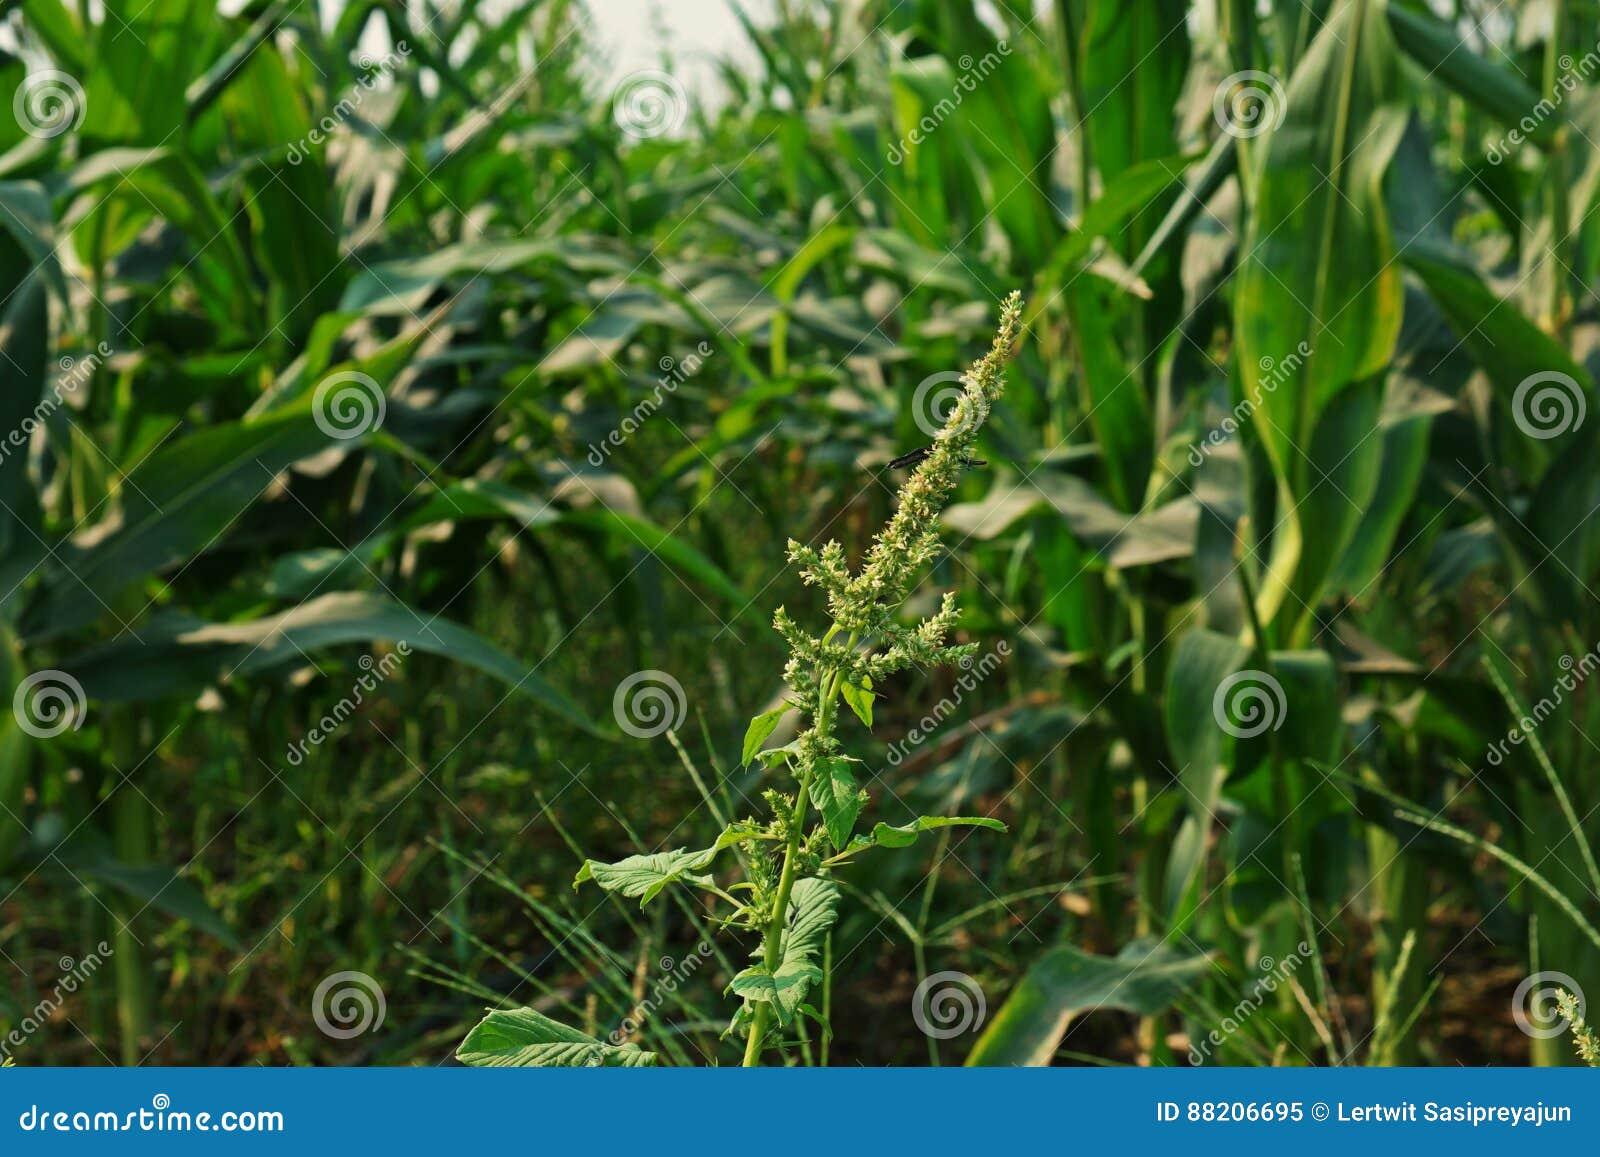 download spiny amaranth or spiny pigweedbroadleaves weed stock image image of pigweed